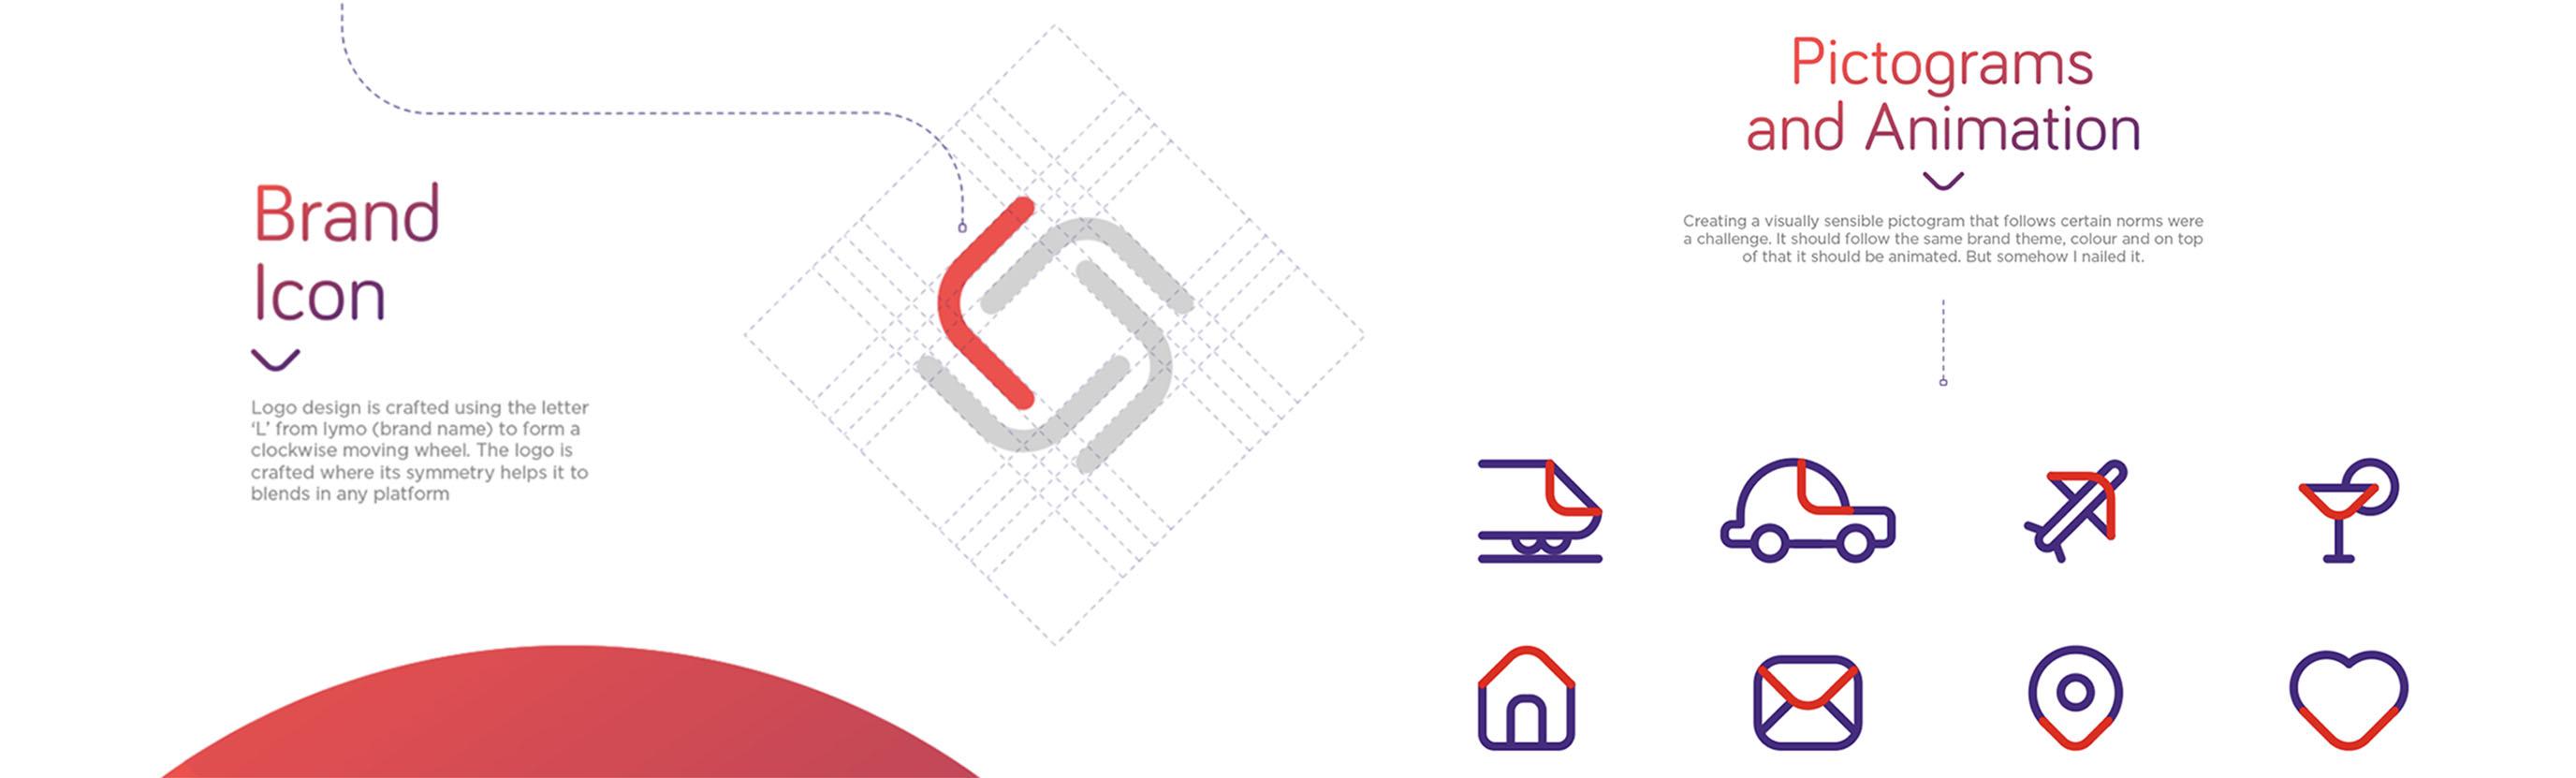 lymo-branding